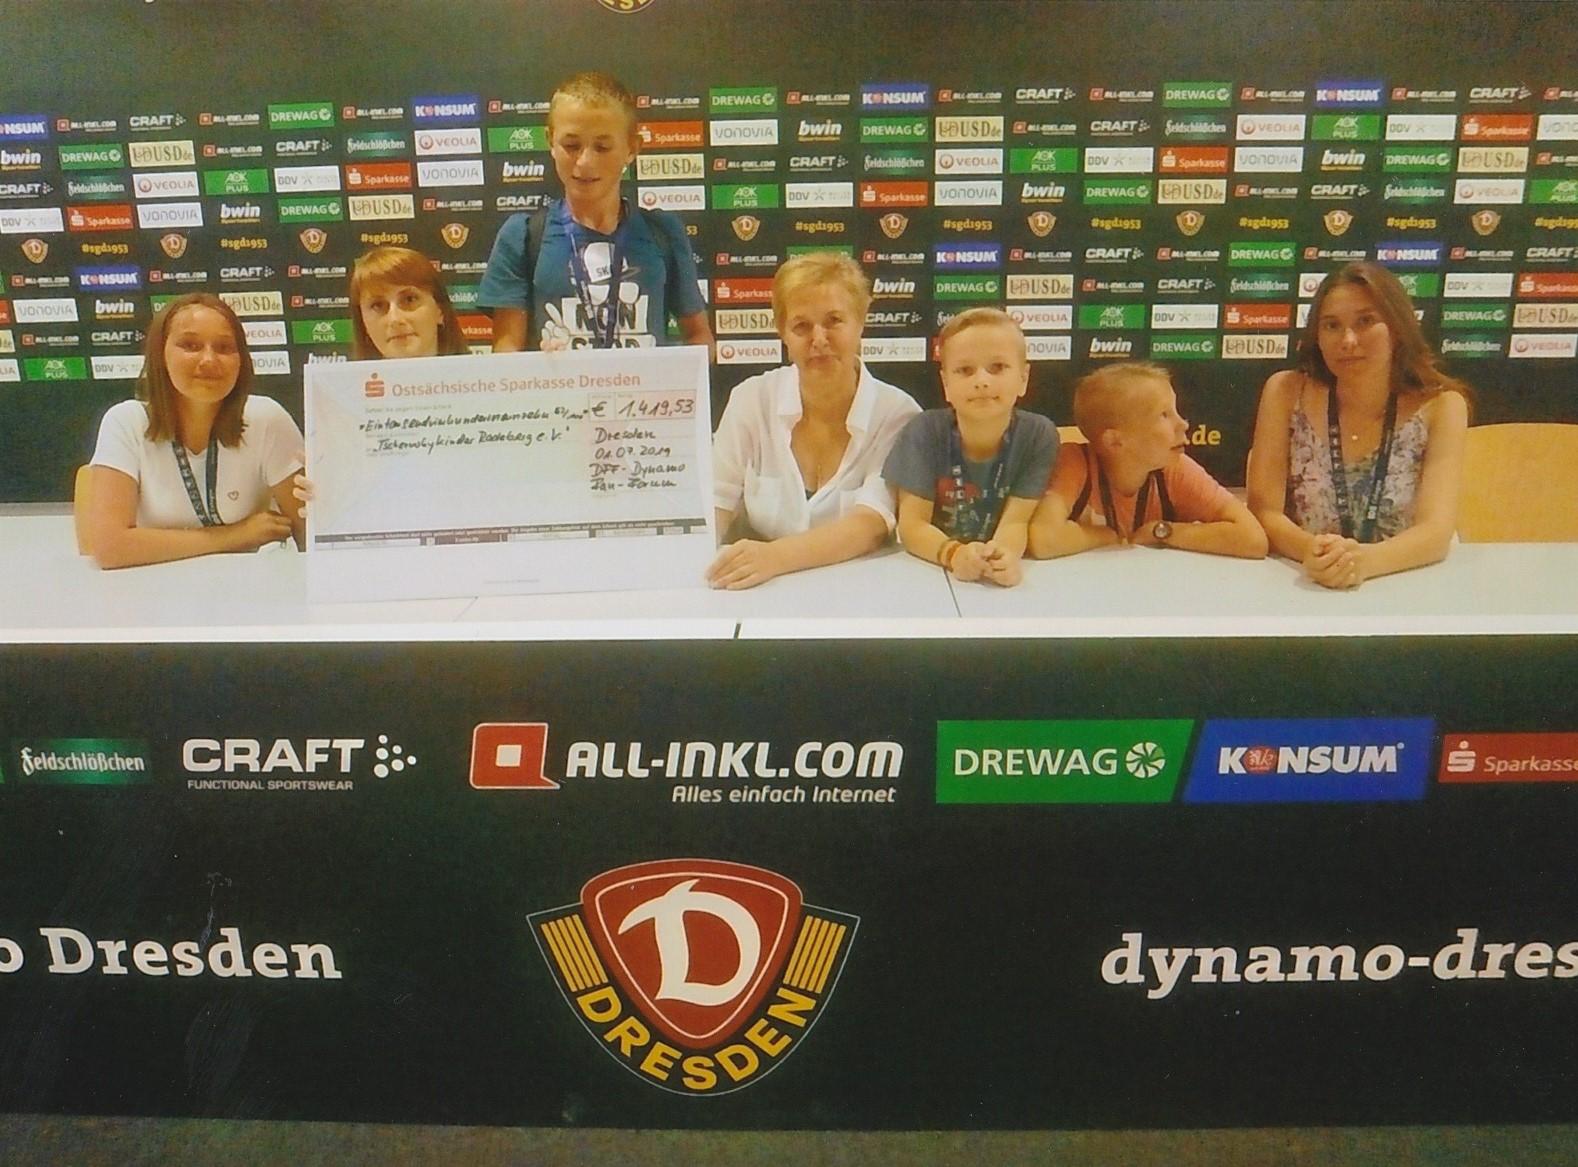 Dynamo Fan Forum